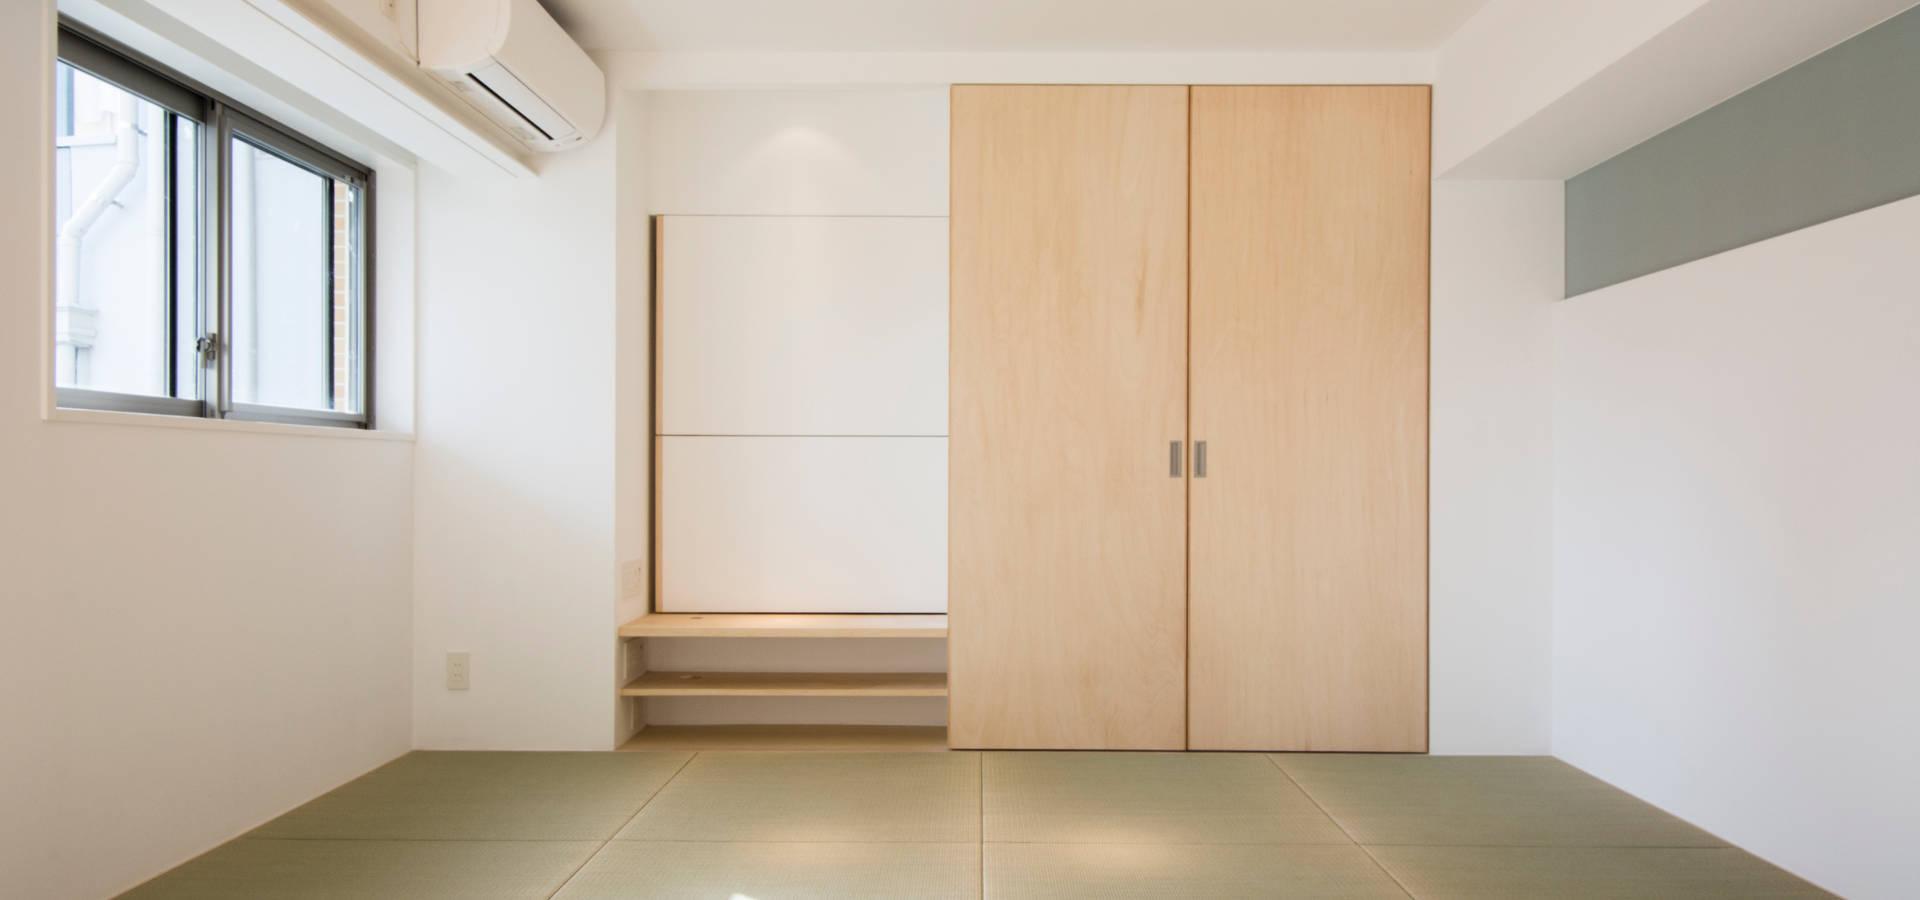 一級建築士事務所 狩谷泰男アーキテクツ / Kariya Yasuo Architects